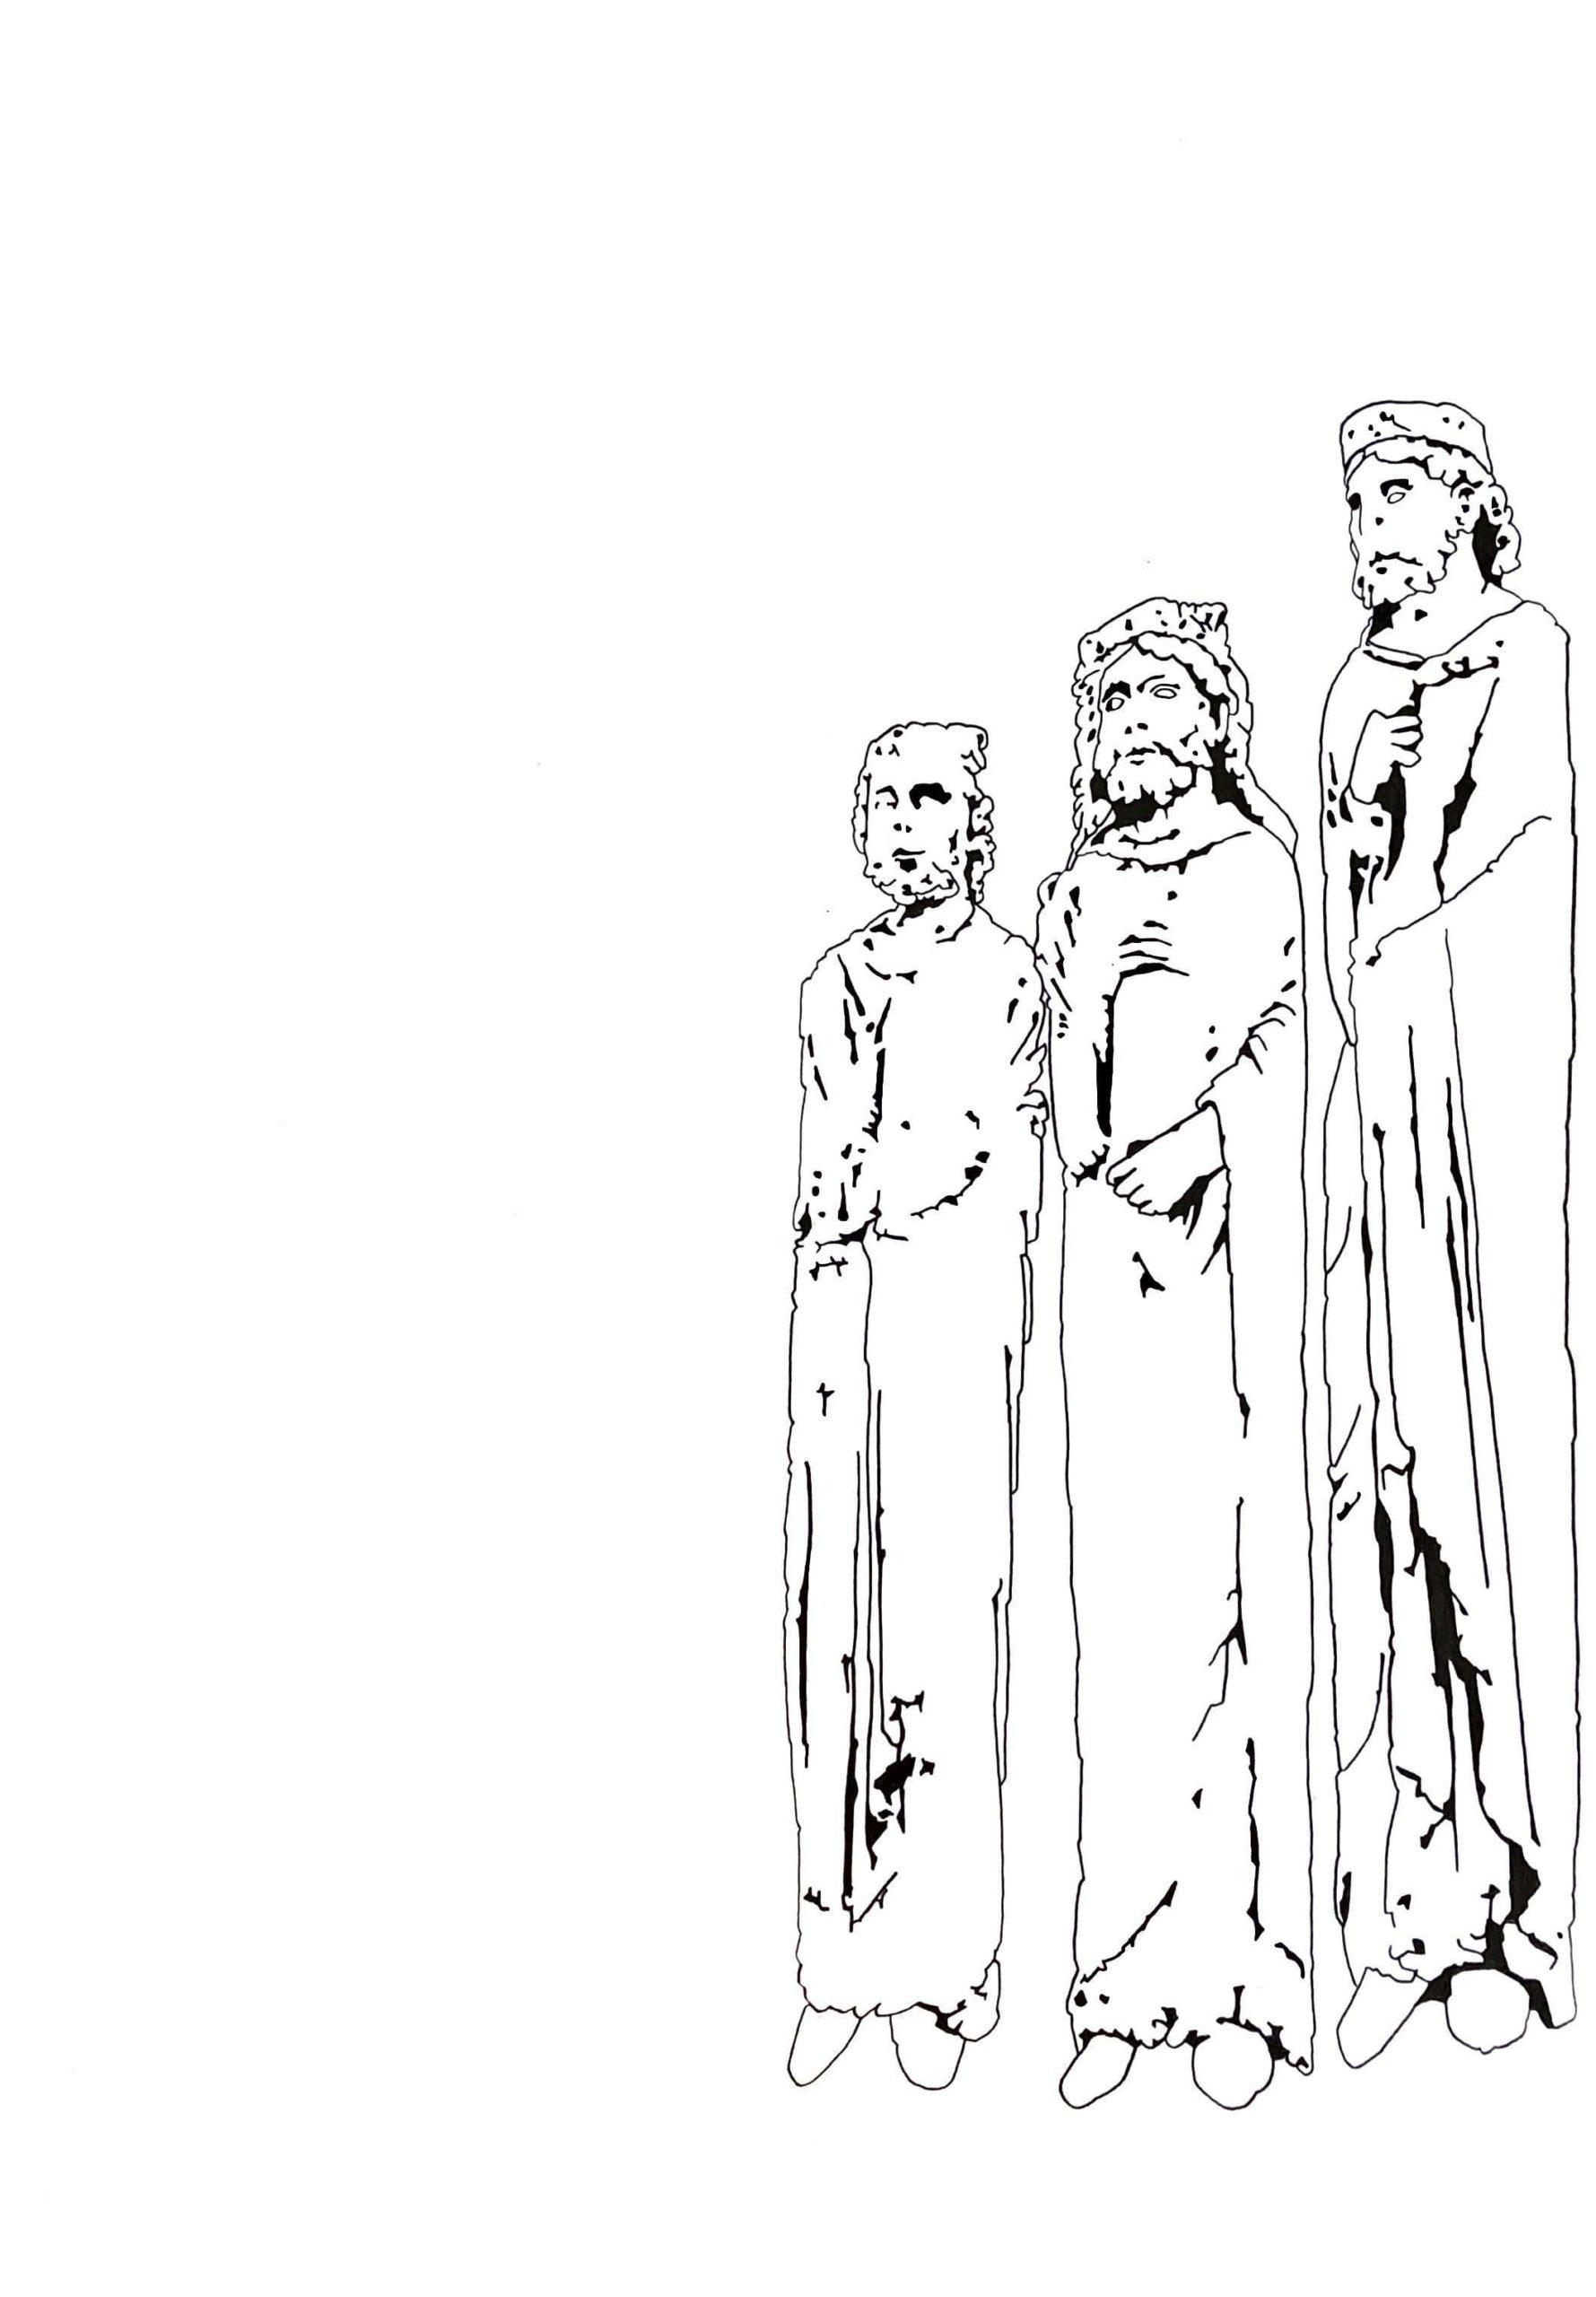 """Matthias Huber, """"keep distance: Miteinander"""", Graphit auf Papier, 21x29,7cm, 2020"""